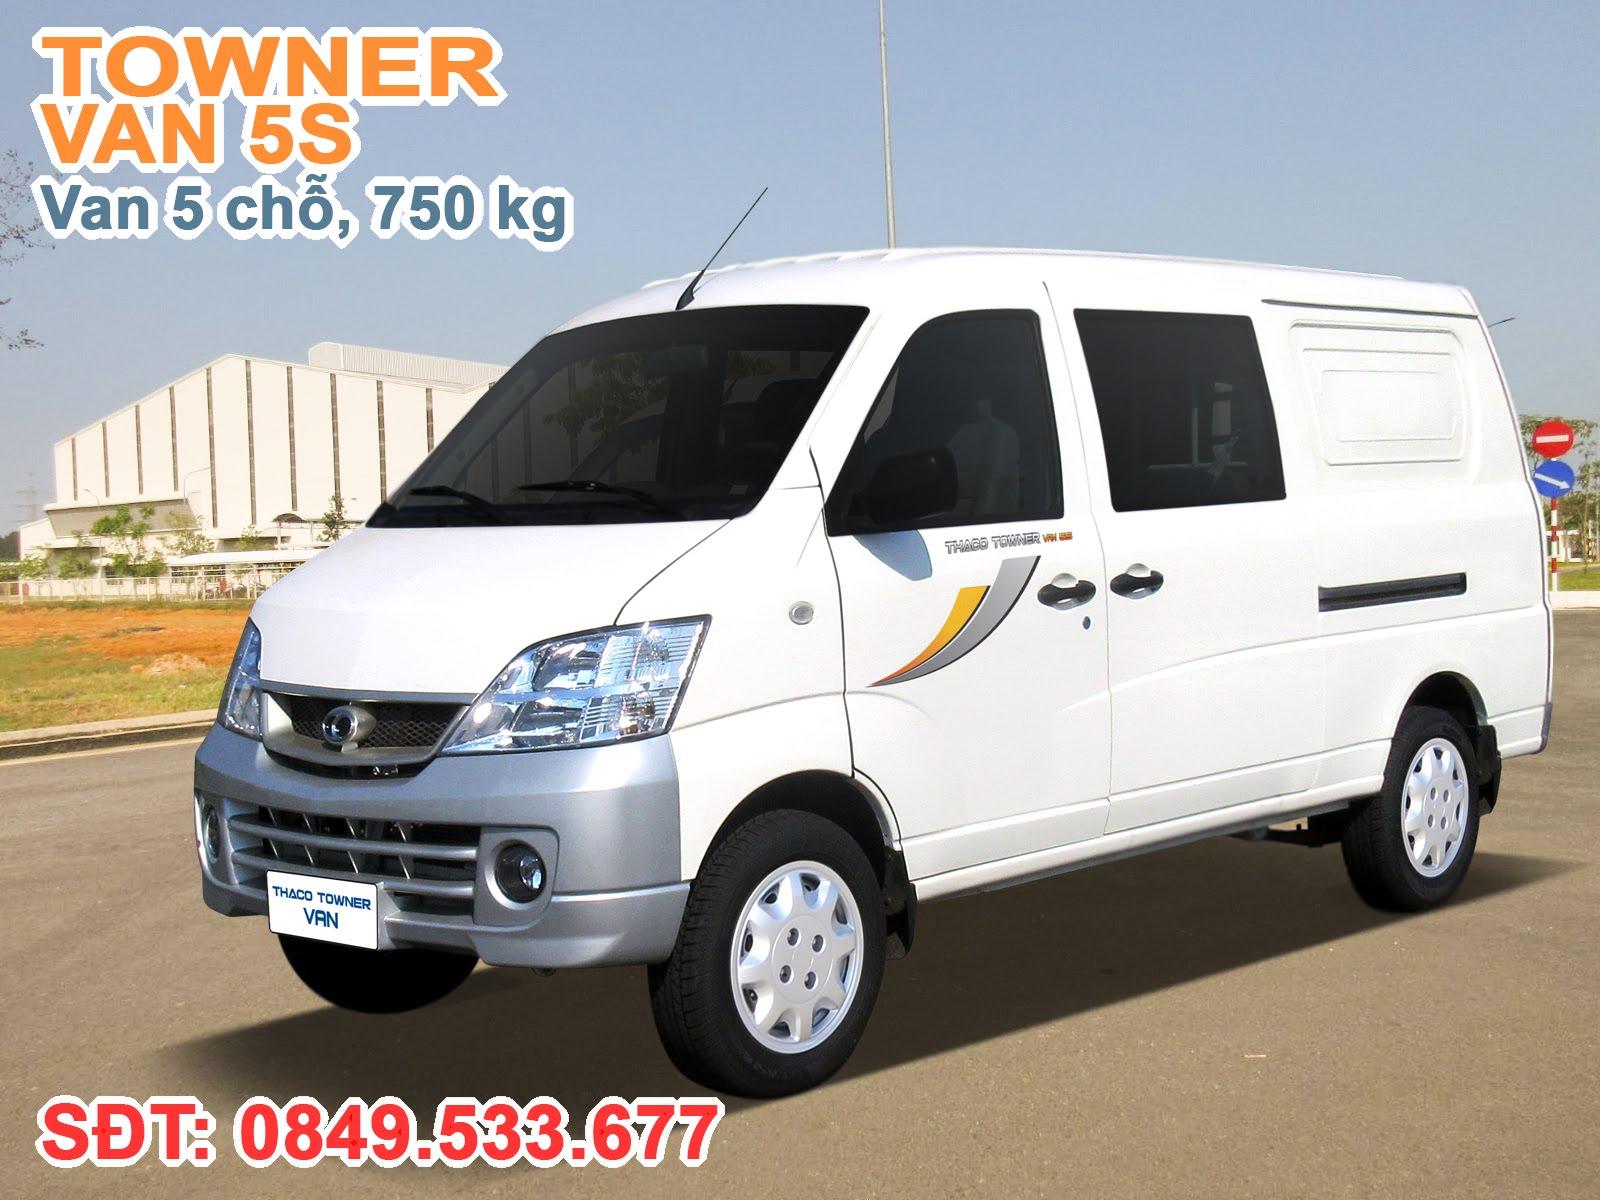 Xe Thaco Towner Van 5S, 5 chỗ ngồi, tải trọng 750 kg